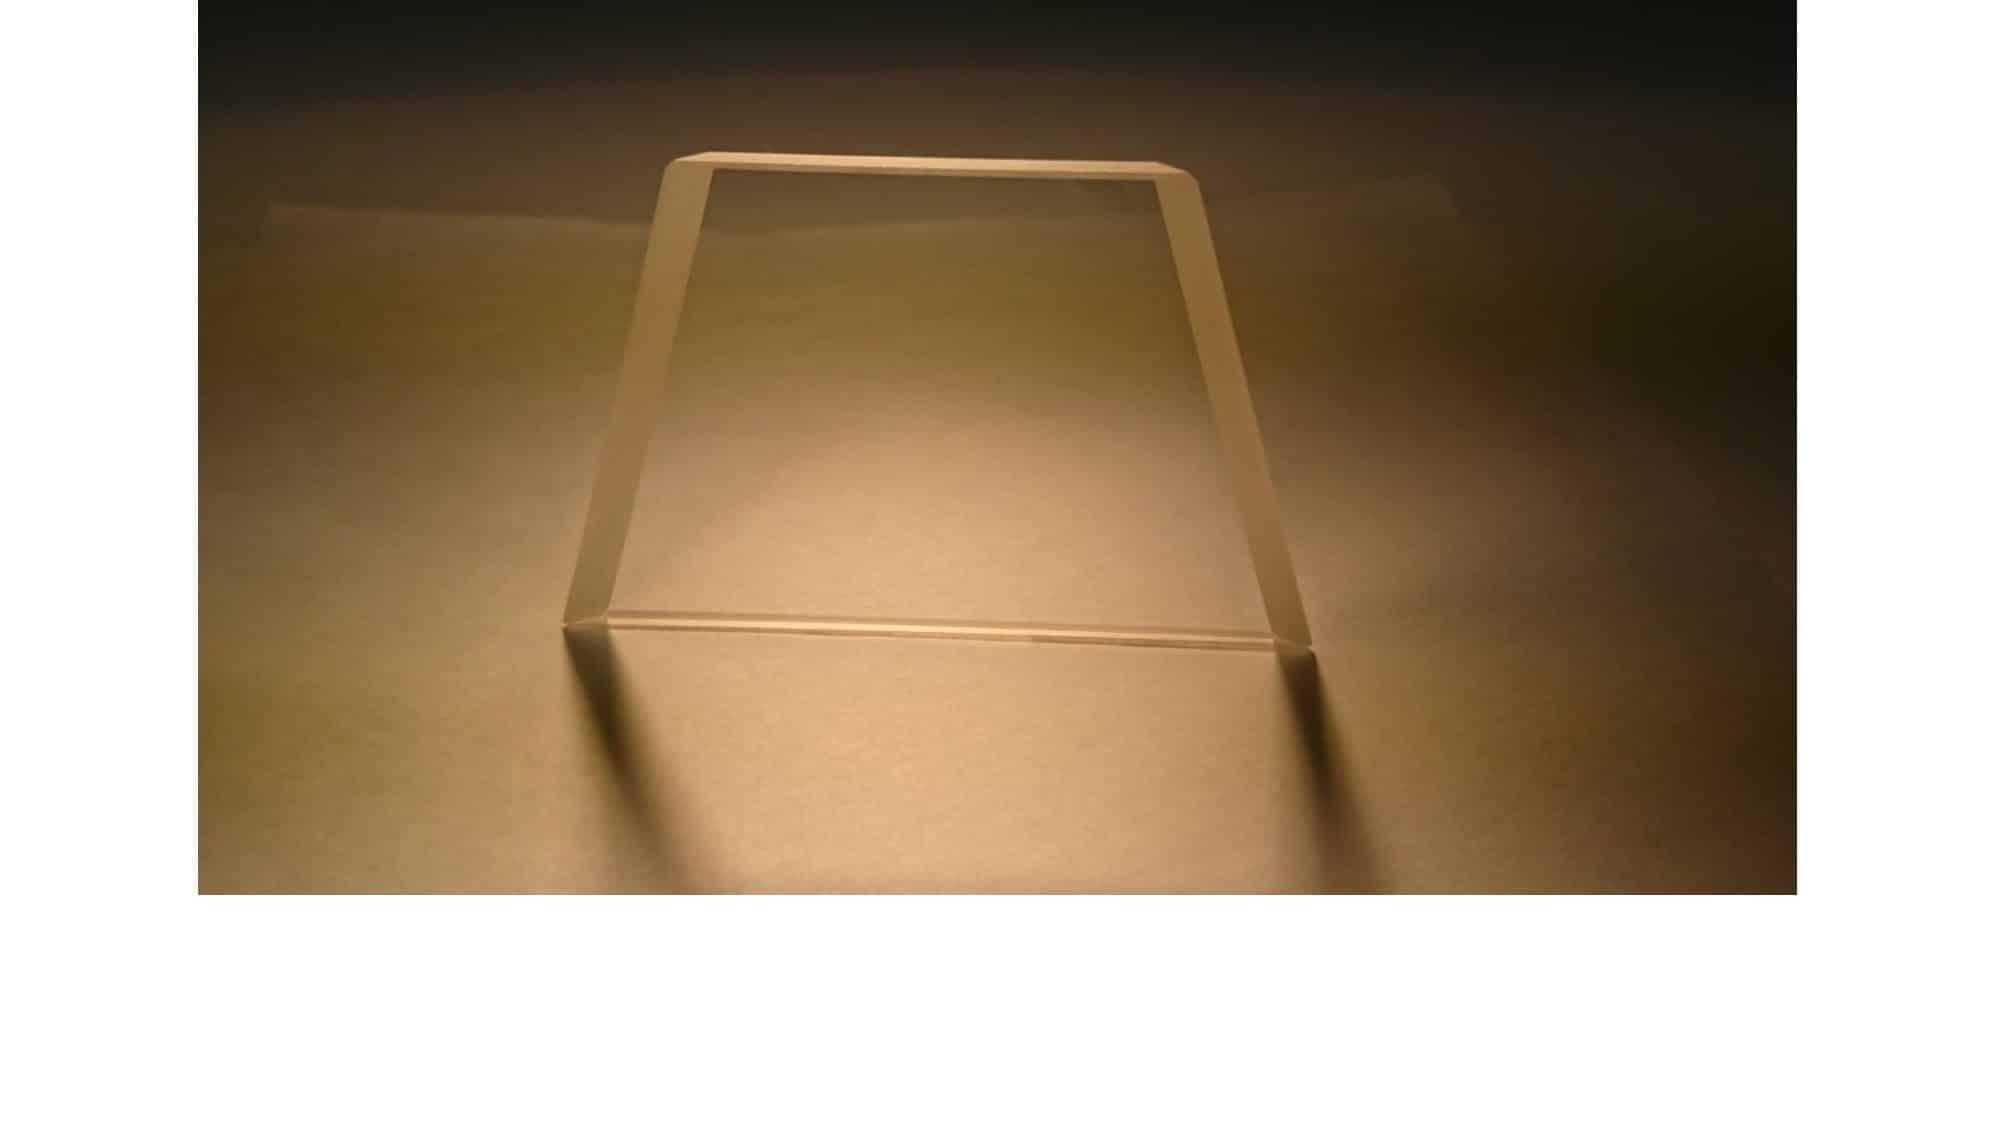 OTéO Optics - Système optique - Systèmes optiques - Optique de précision - formule optique - fabricant optique - Lentille optique - Polissage optique - Formation Optique - Formation Ingénieur(e) - Polissage de qualité - Polissage de haute qualité - banc de mesure - Systèmes optiques - Design optique - Optique médicale - vision industrielle - optomécanique - Prisme - Lentilles optique -